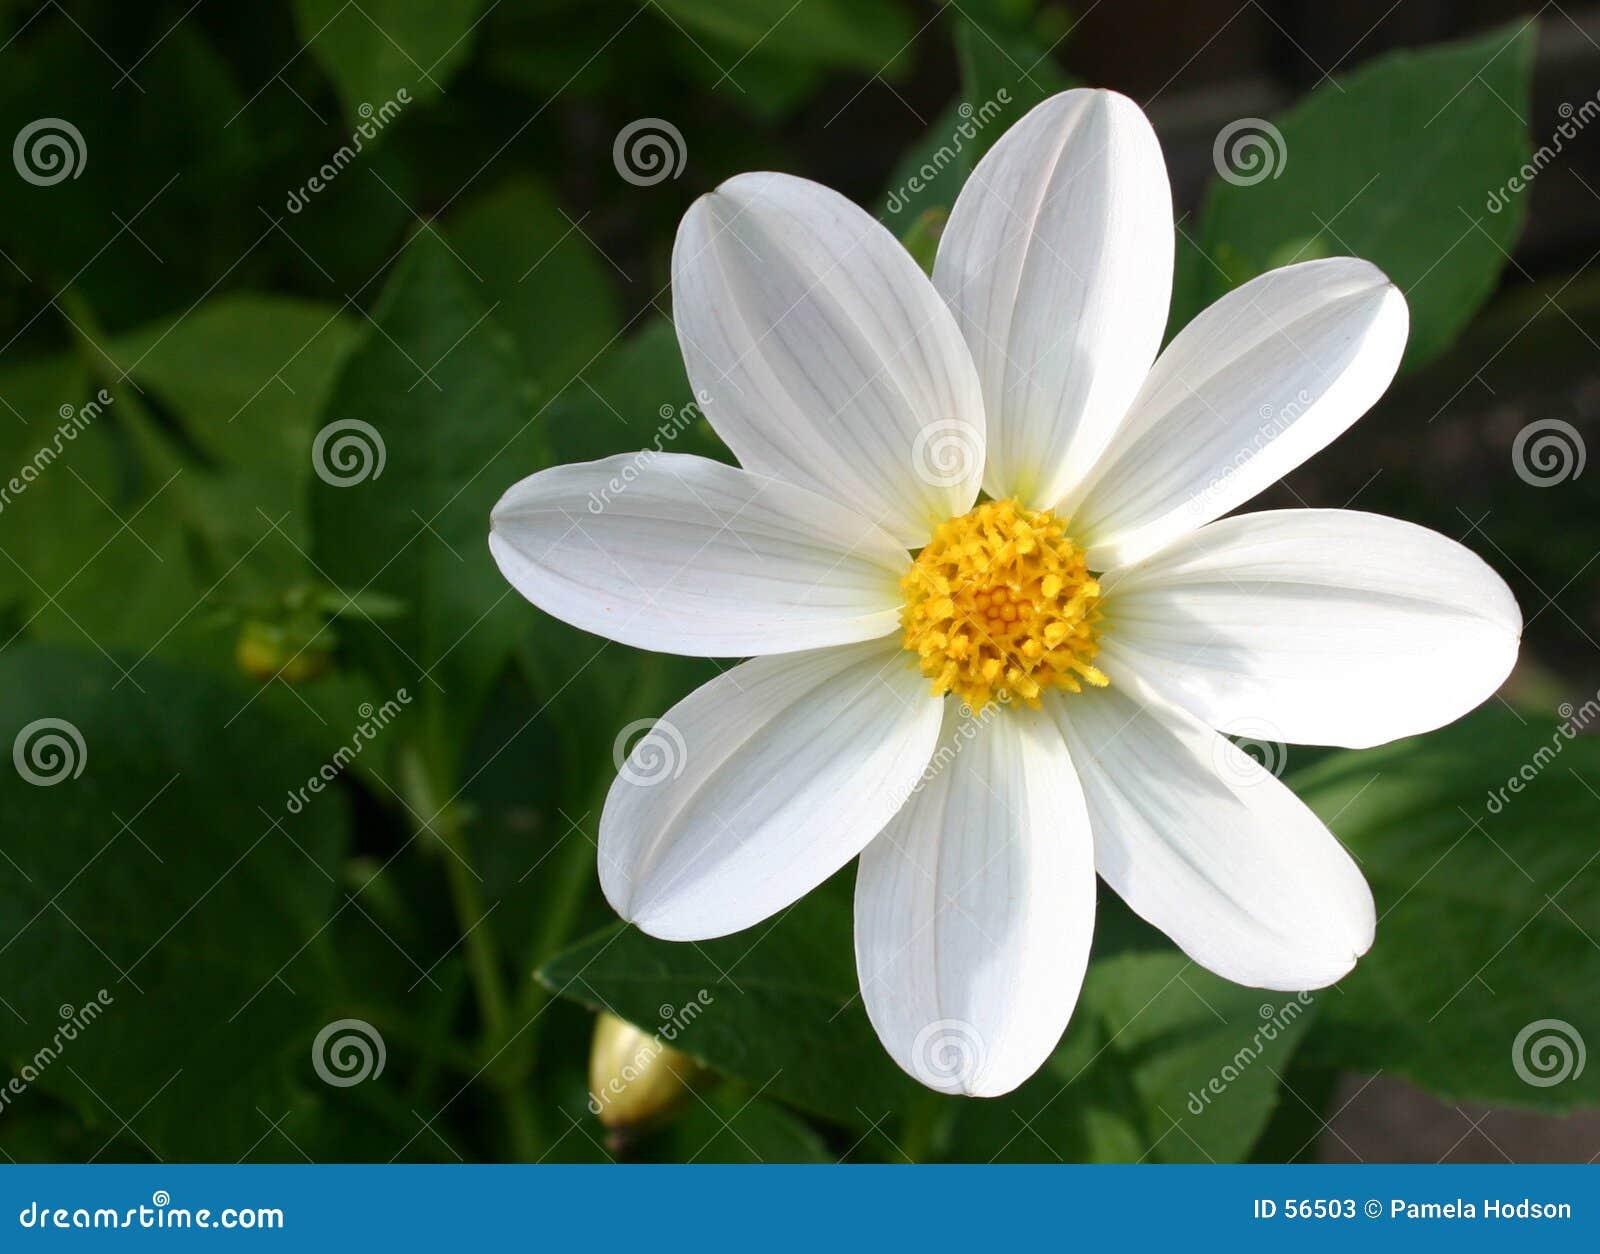 Download Dahlia blanc magnifique image stock. Image du centrale, floral - 56503